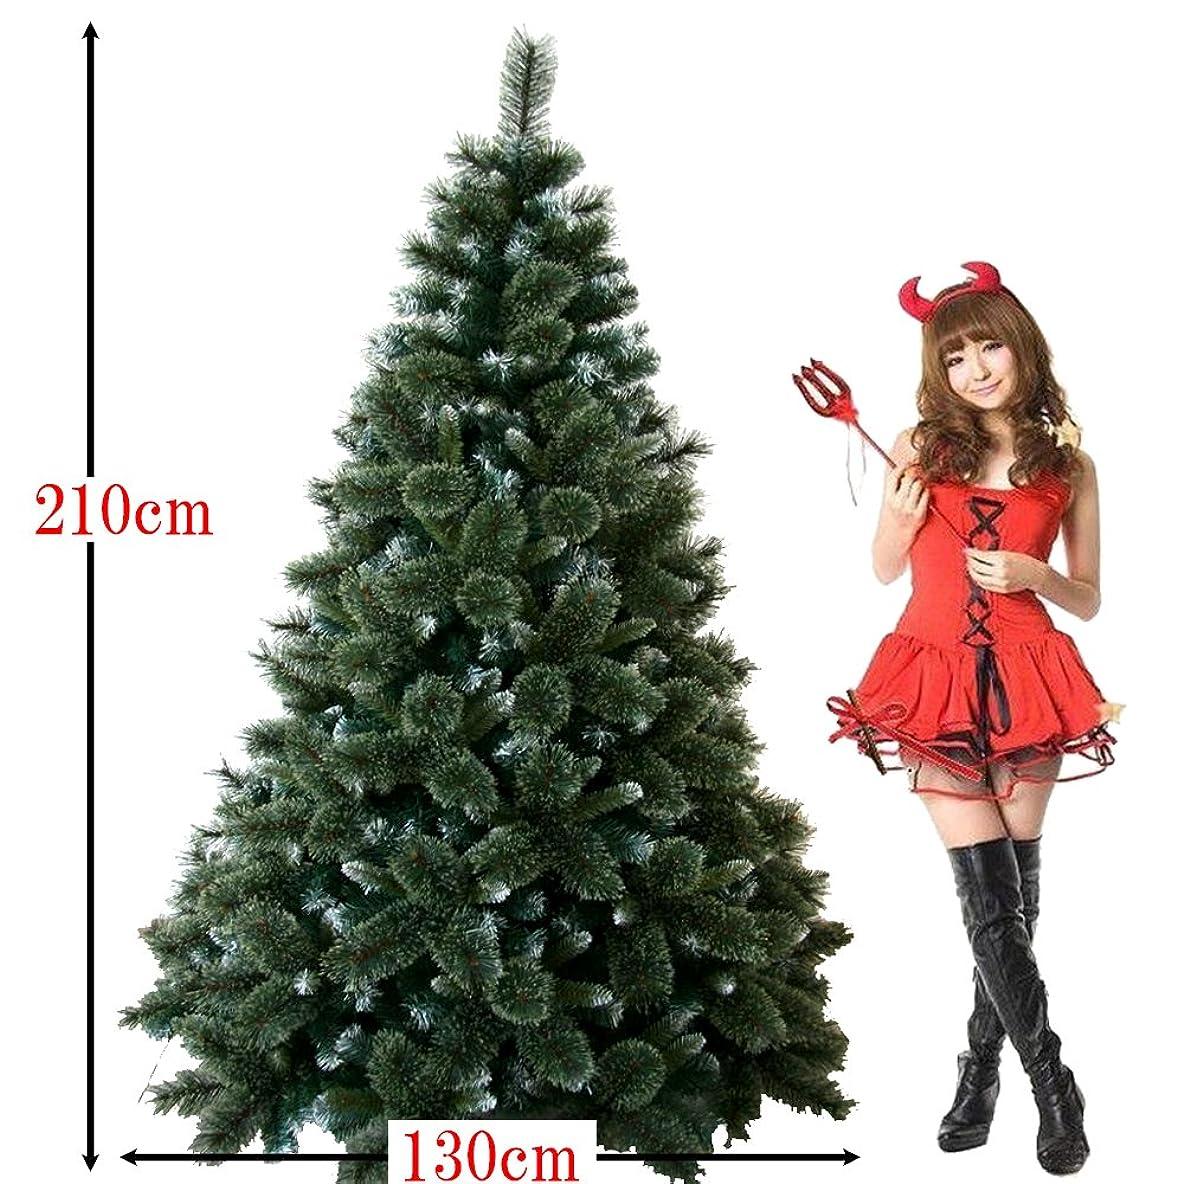 ランタンネズミ解放する早割! Branch Trees クリスマスツリー 210cm リッチ ヌードツリー 本物そっくり 農密度 スノー 雪 本物 と見間違うような 臨場感 プレゼント ドイツ ベルギー 輸出専用 21-G